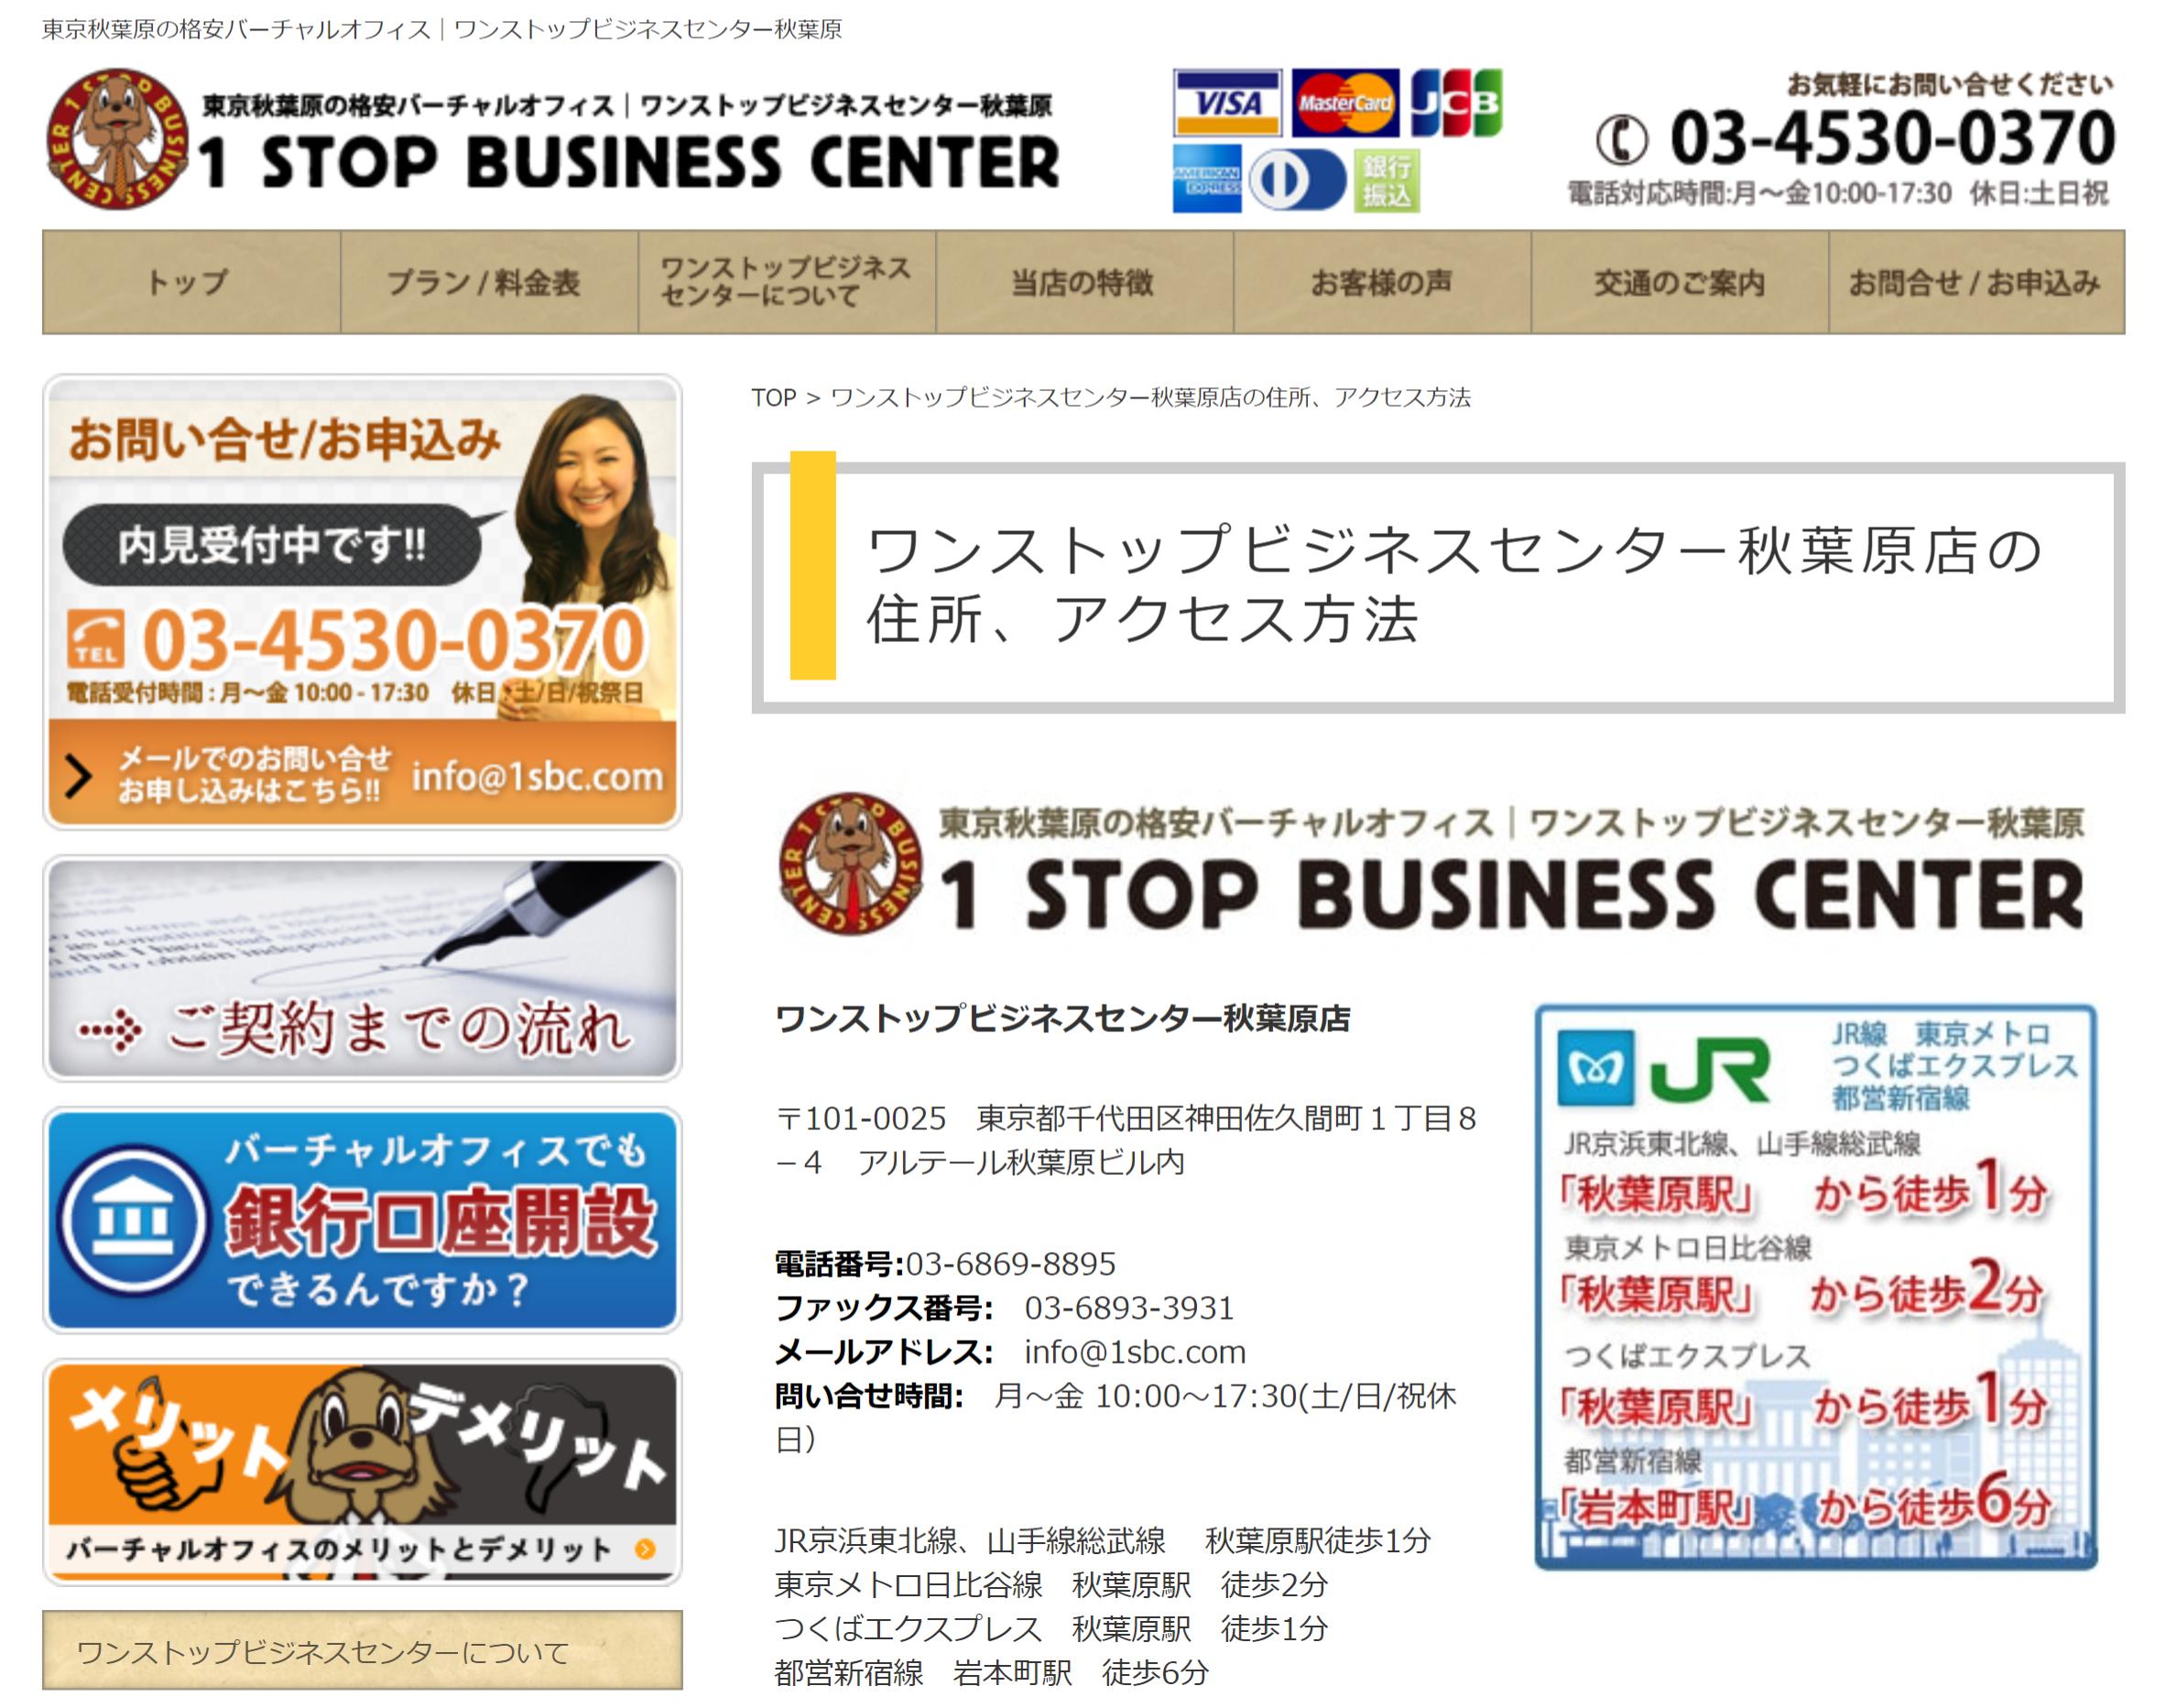 ワンストップビジネスセンター秋葉原店